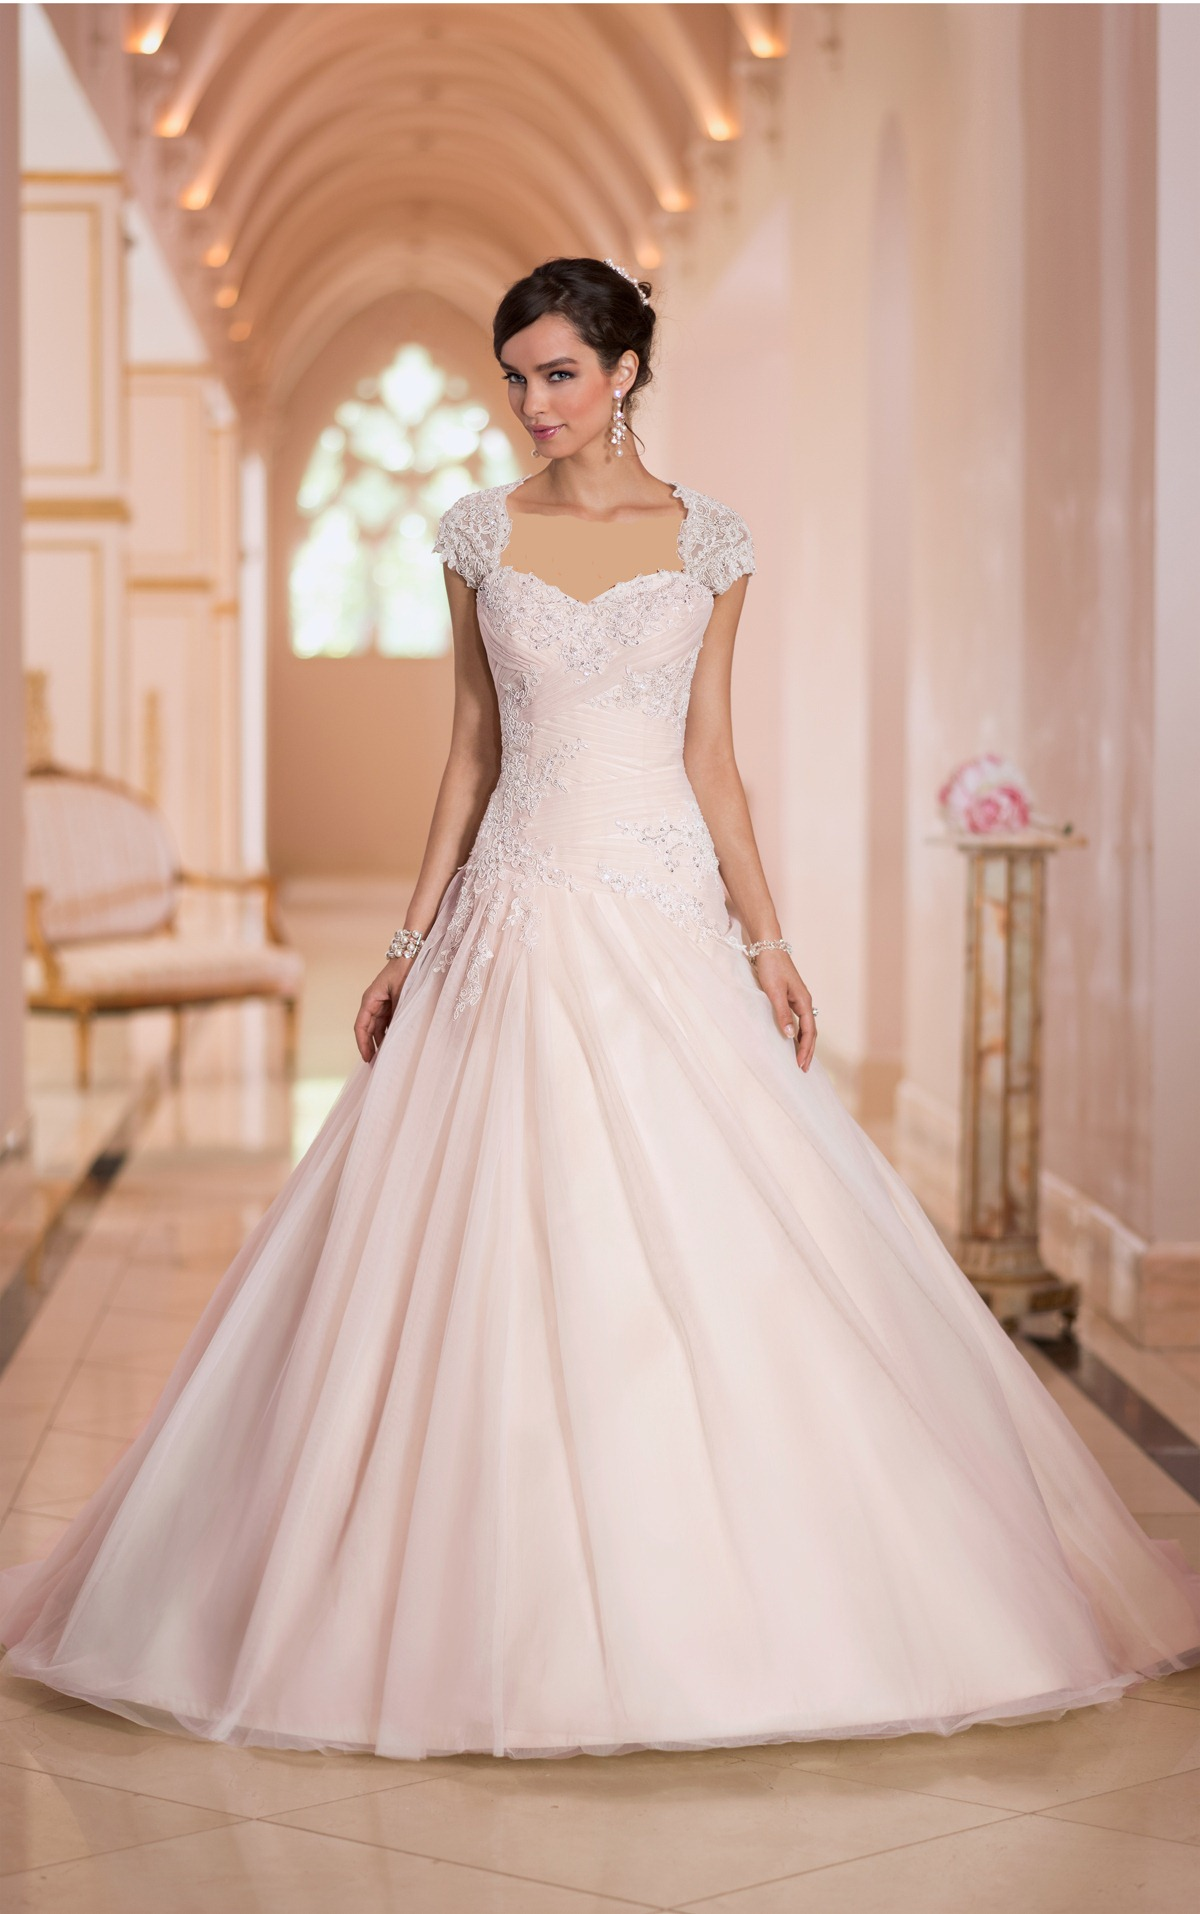 سری دوم مدل لباس عروس بهار 96